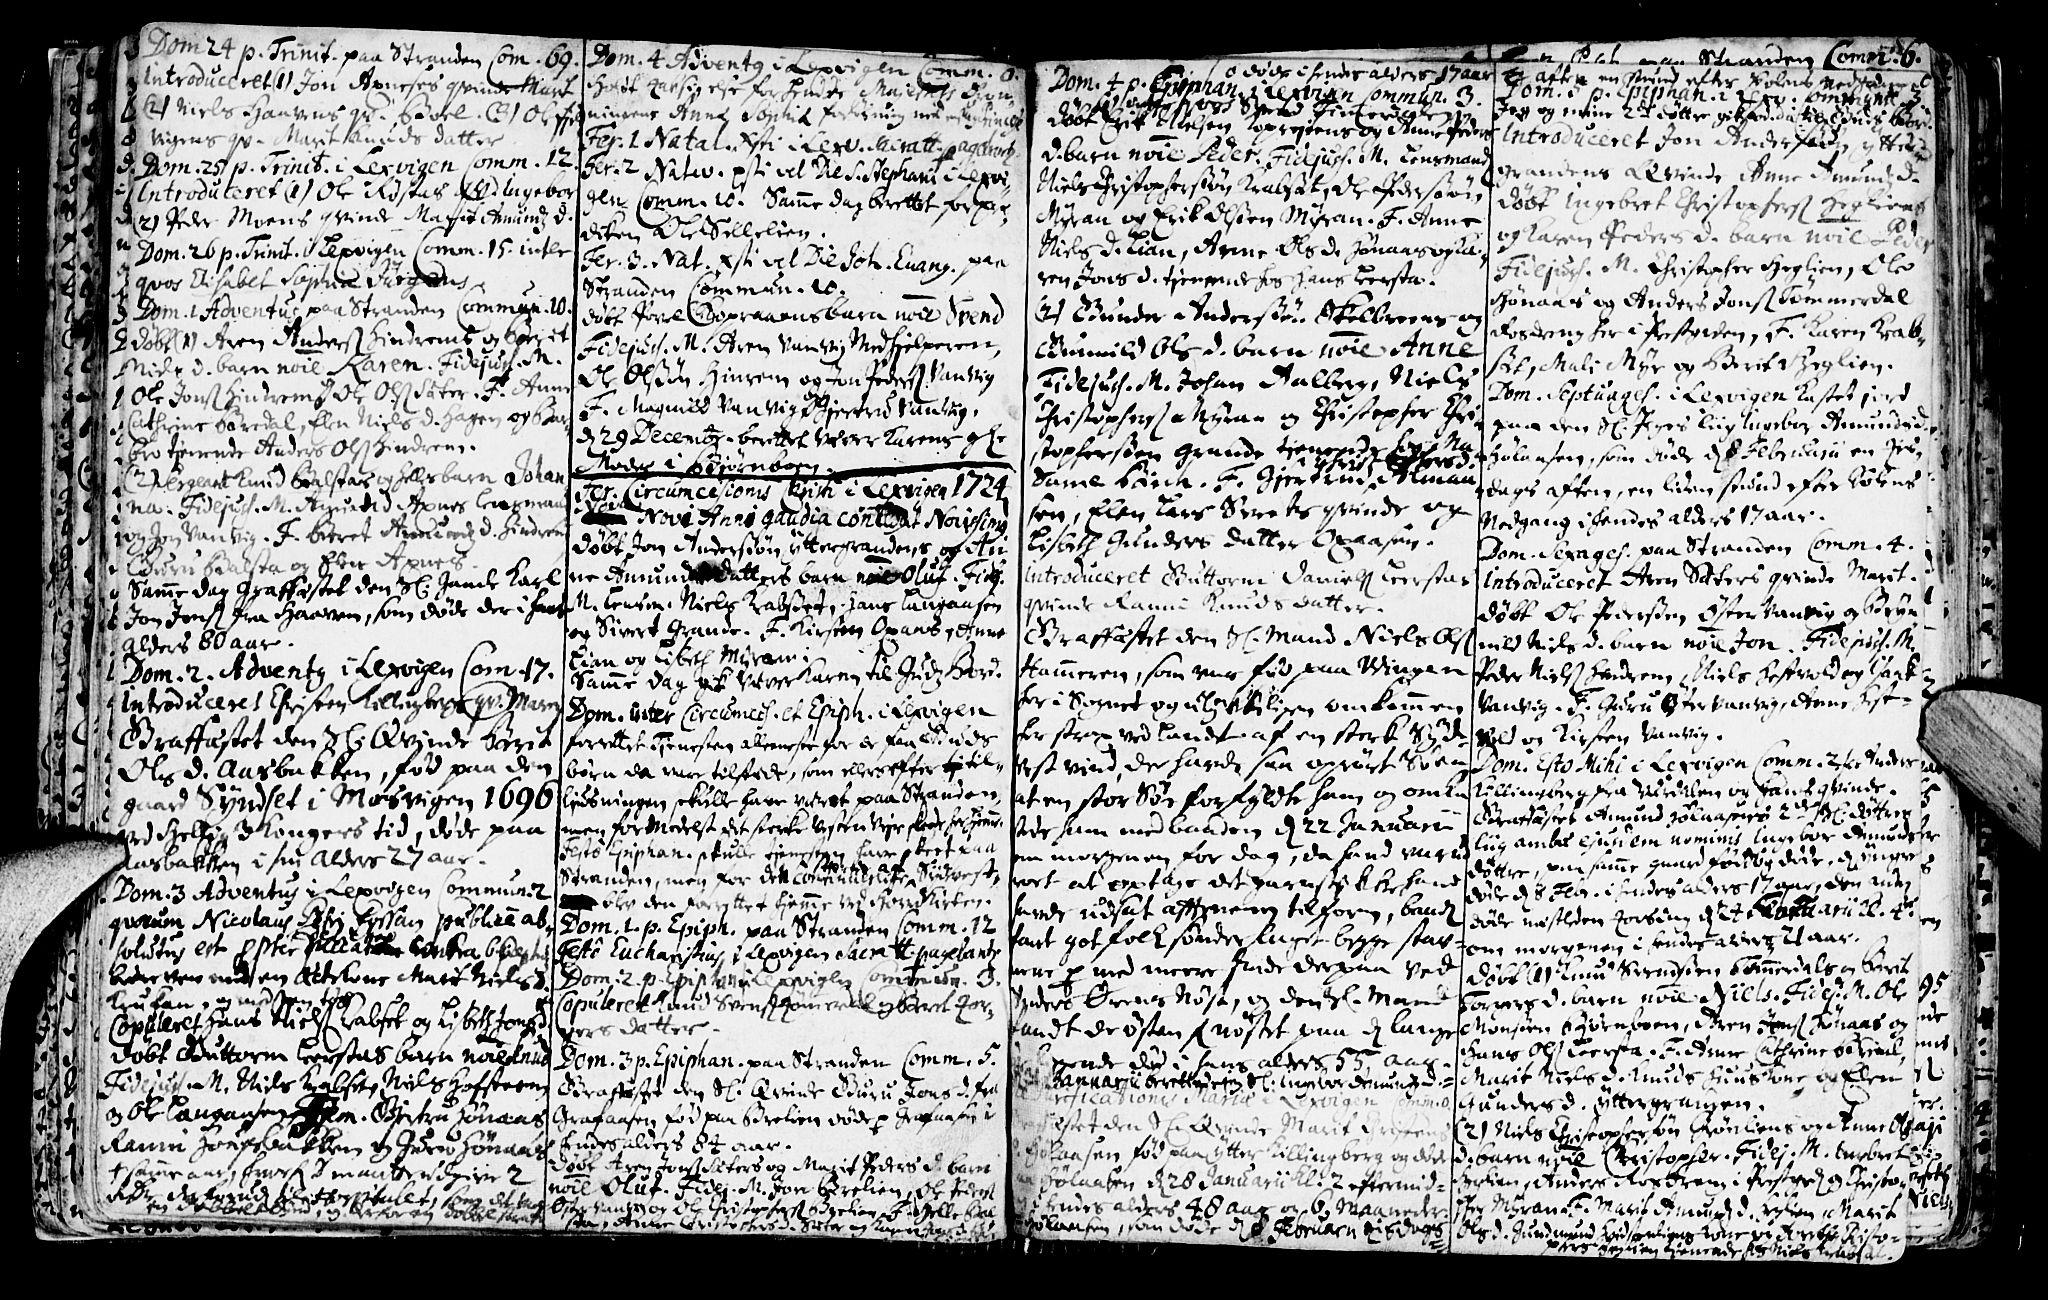 SAT, Ministerialprotokoller, klokkerbøker og fødselsregistre - Nord-Trøndelag, 701/L0001: Ministerialbok nr. 701A01, 1717-1731, s. 23